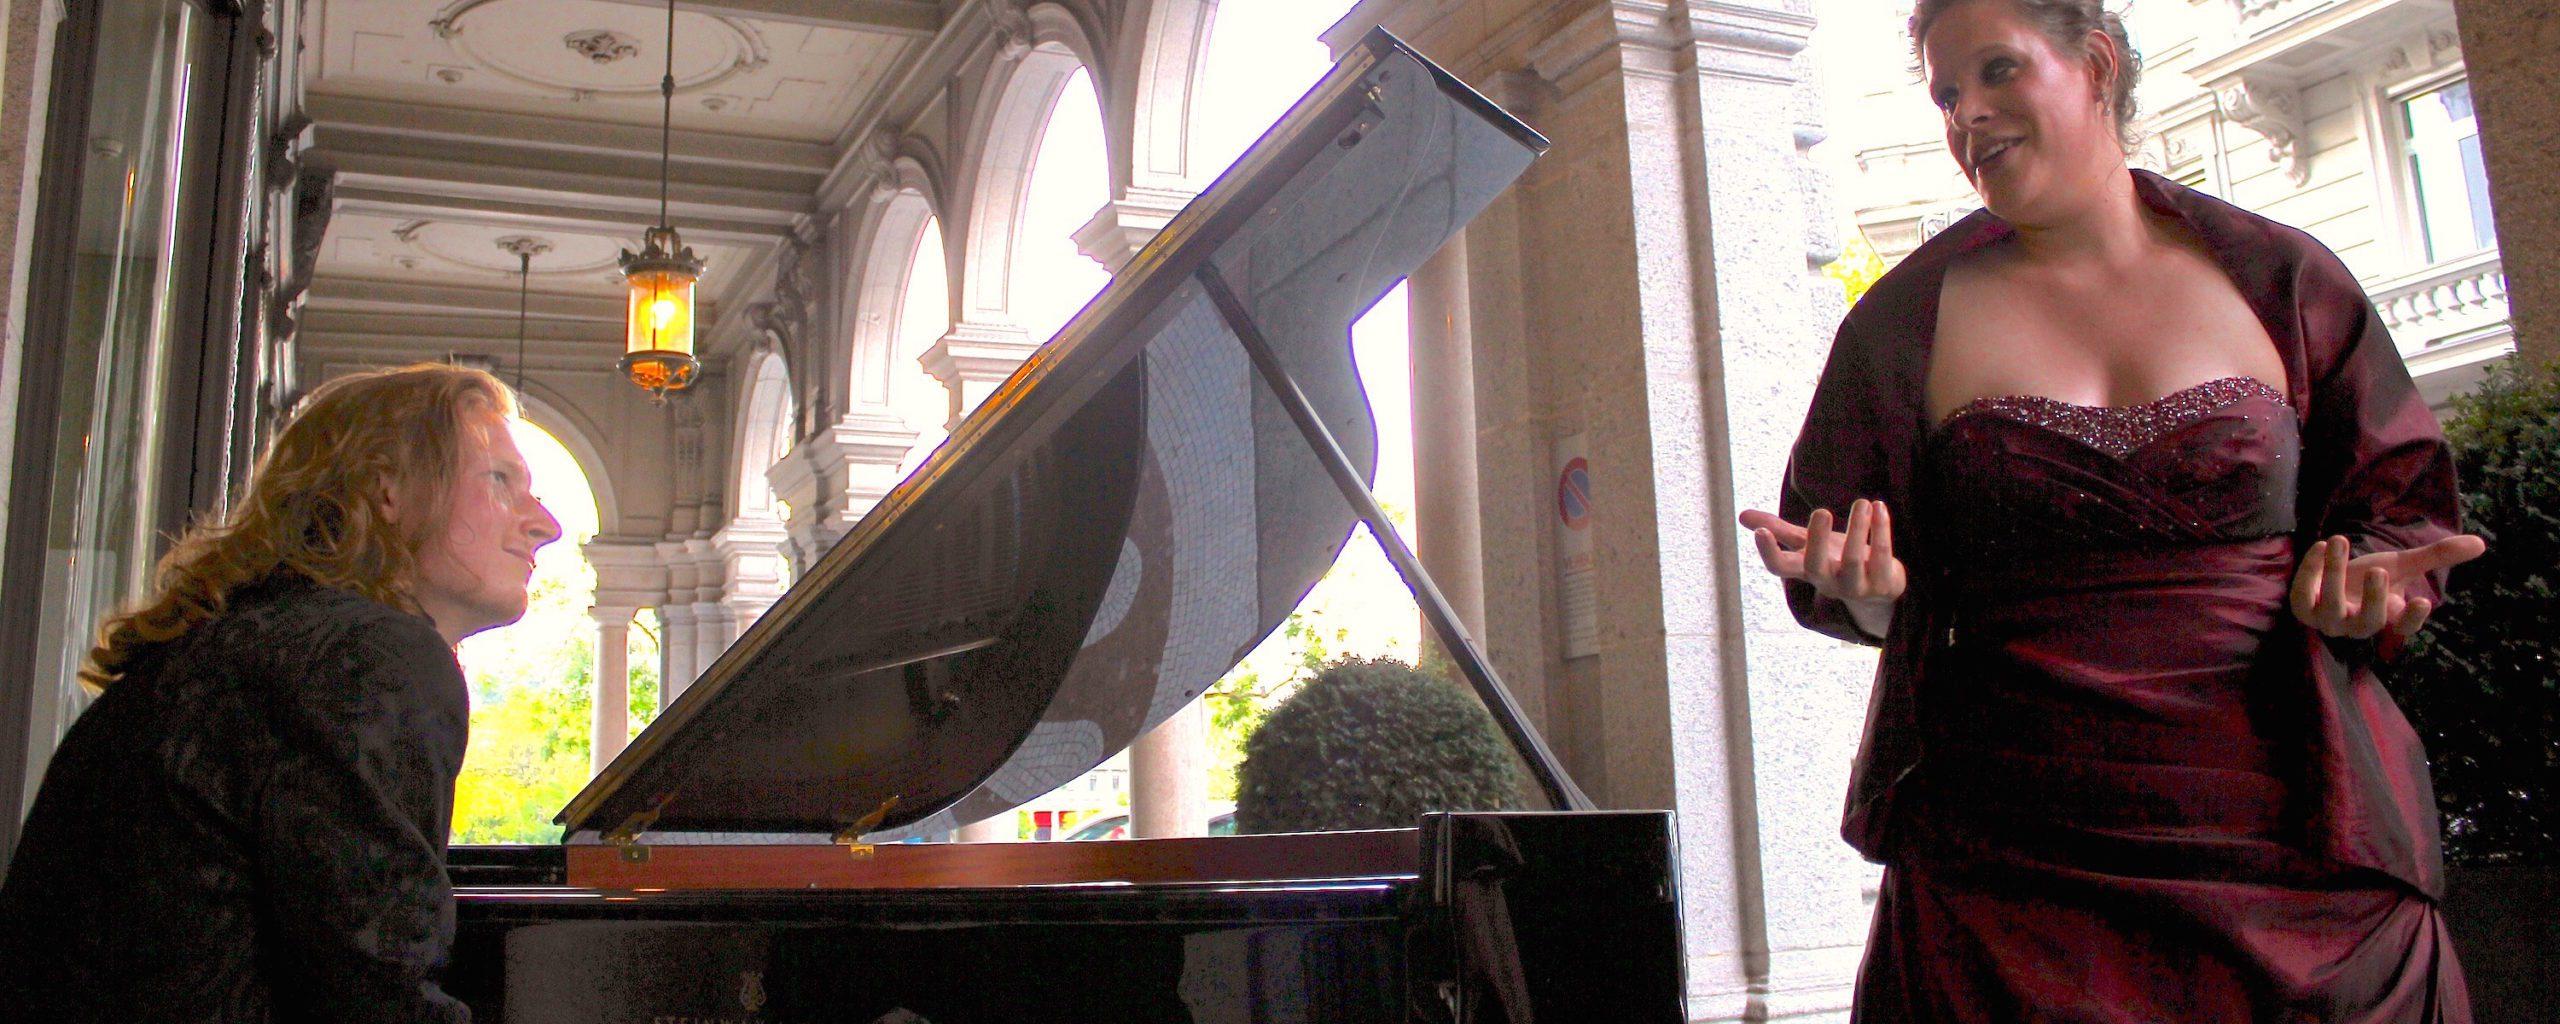 Concert under the Arcades in Zurich